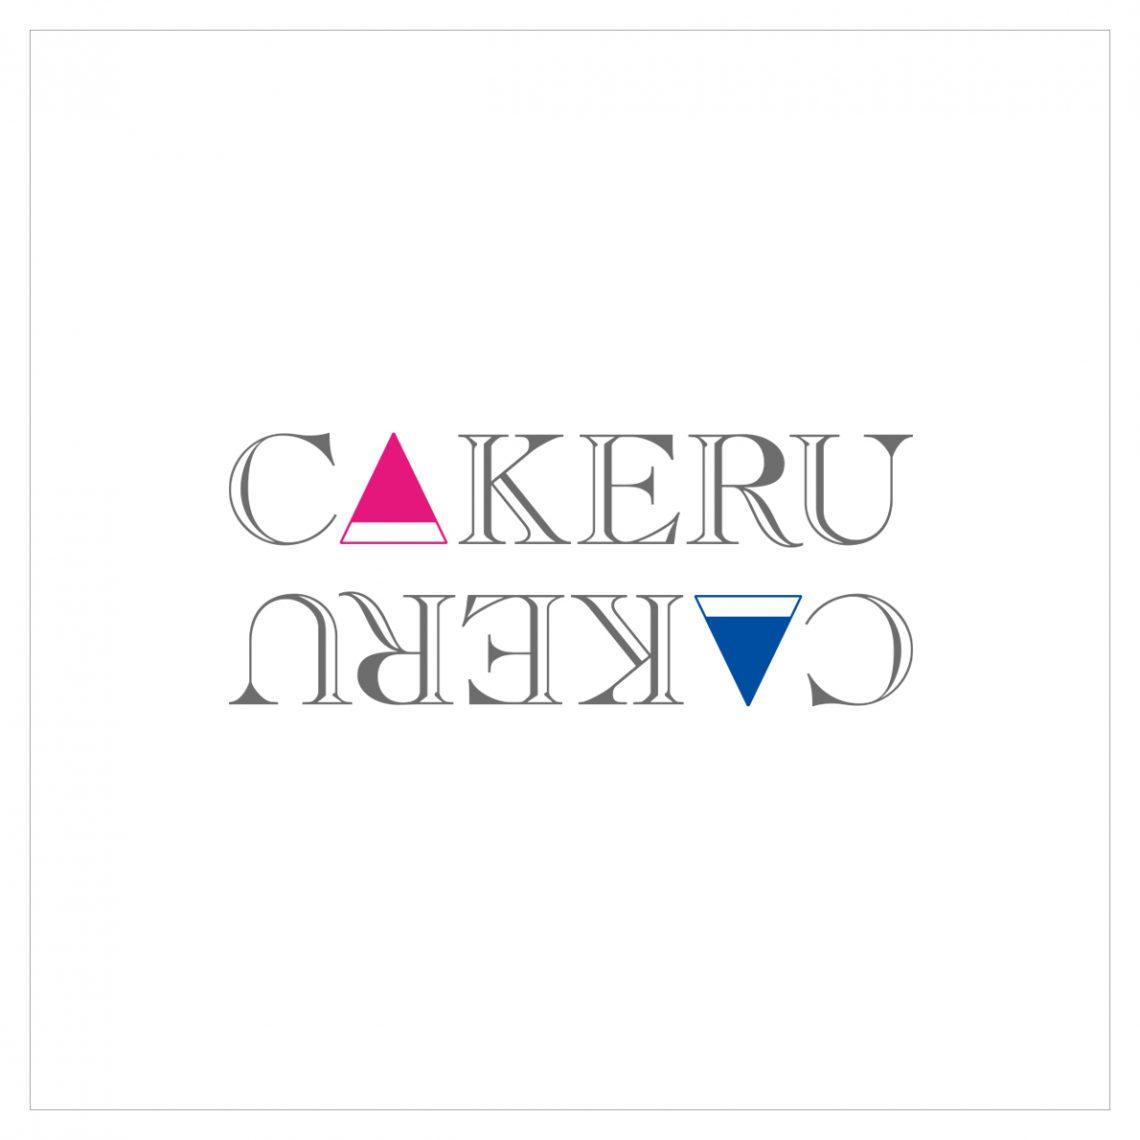 CAKERU CAKERU